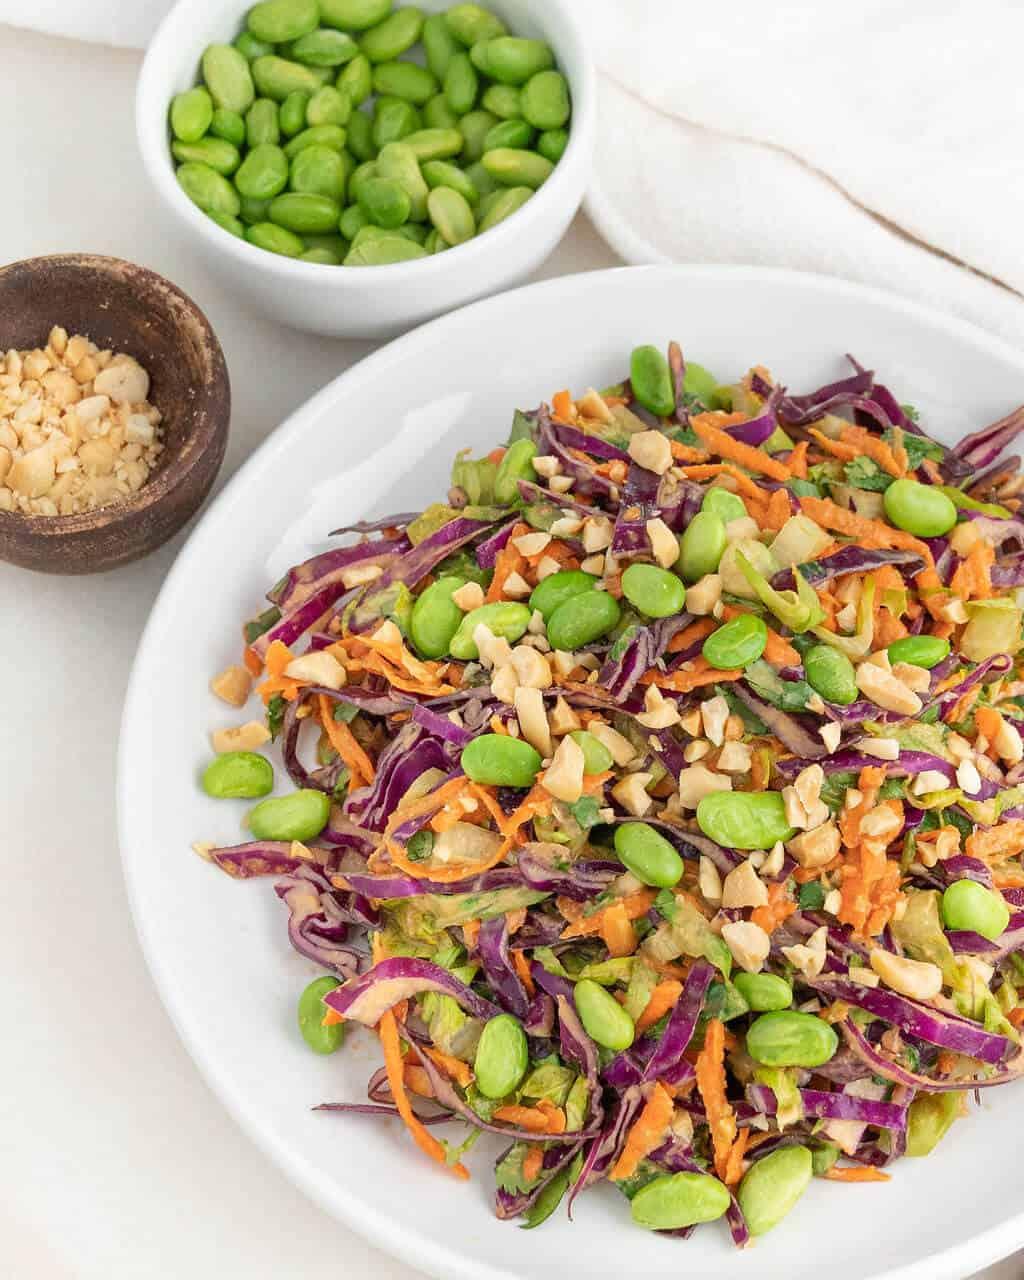 Fresh Crunchy Salad with Peanut Dressing